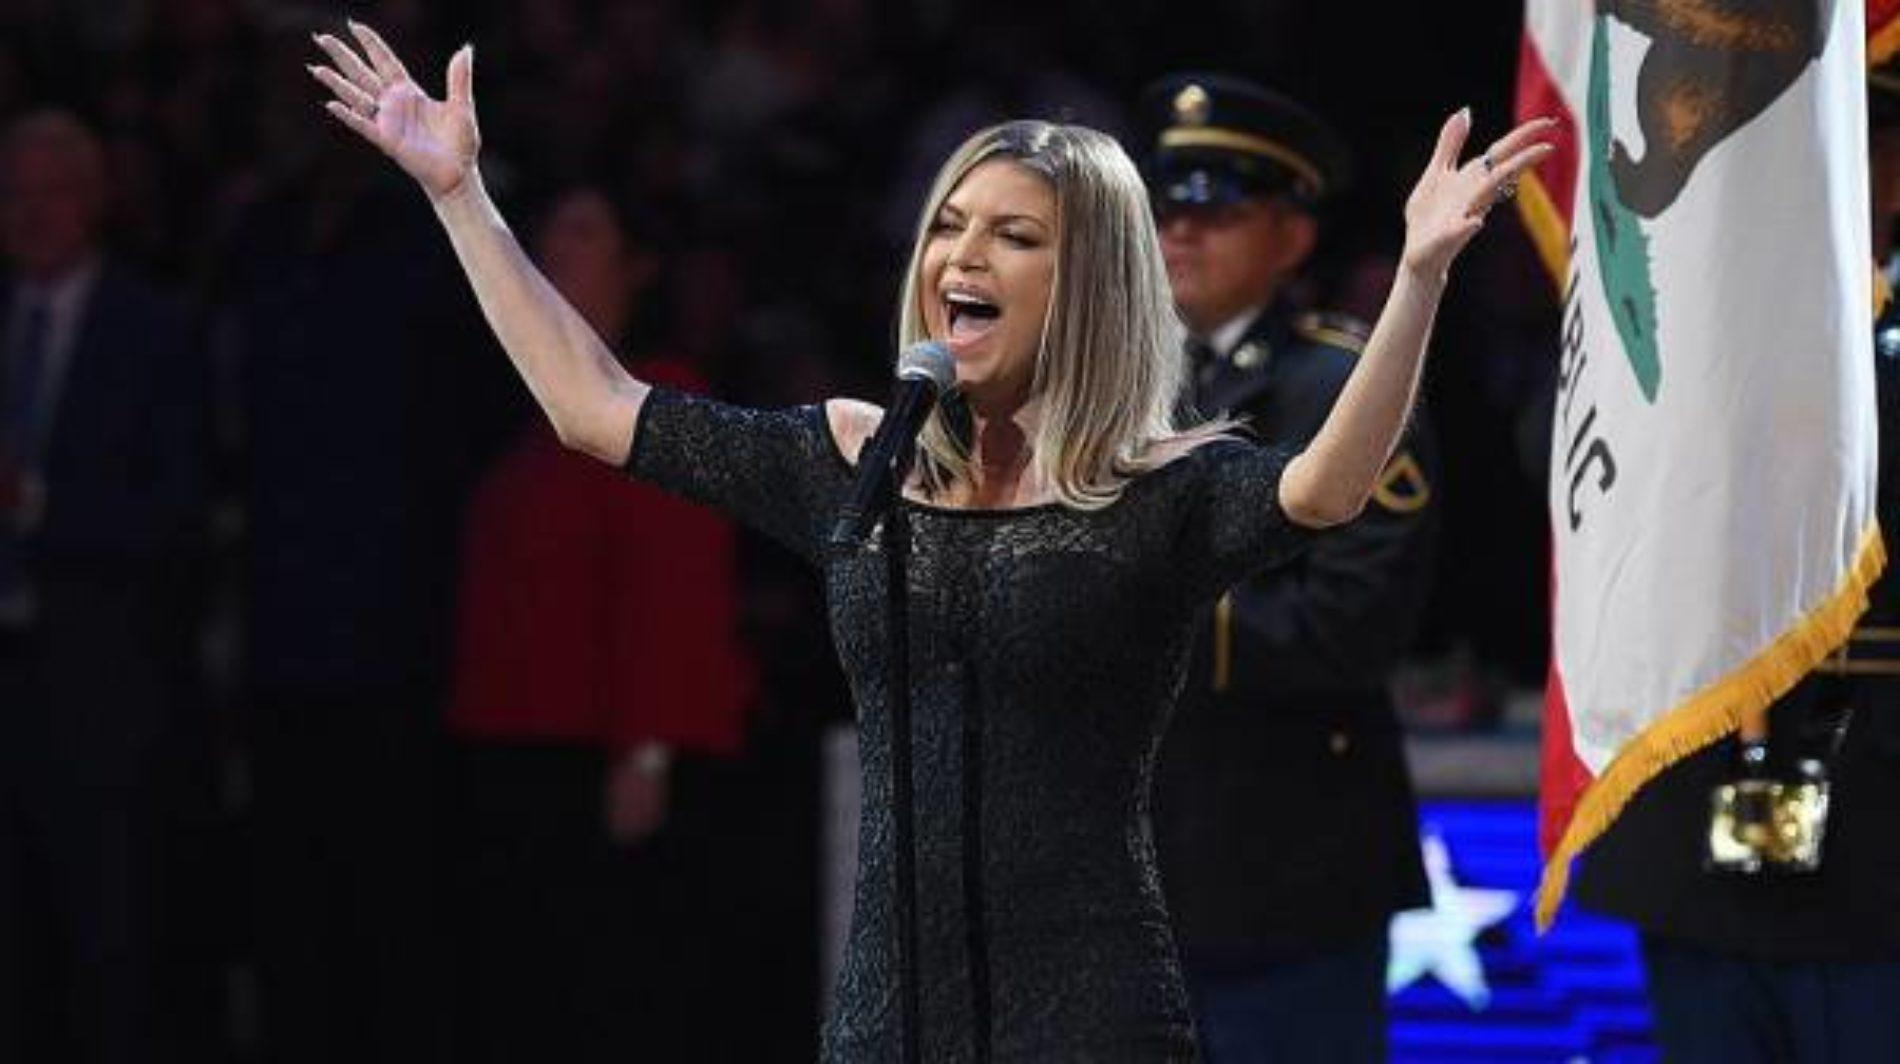 Canta Fergie el himno de EEUU en los All Star NBA 2018 y la gente la acusa de terrorismo